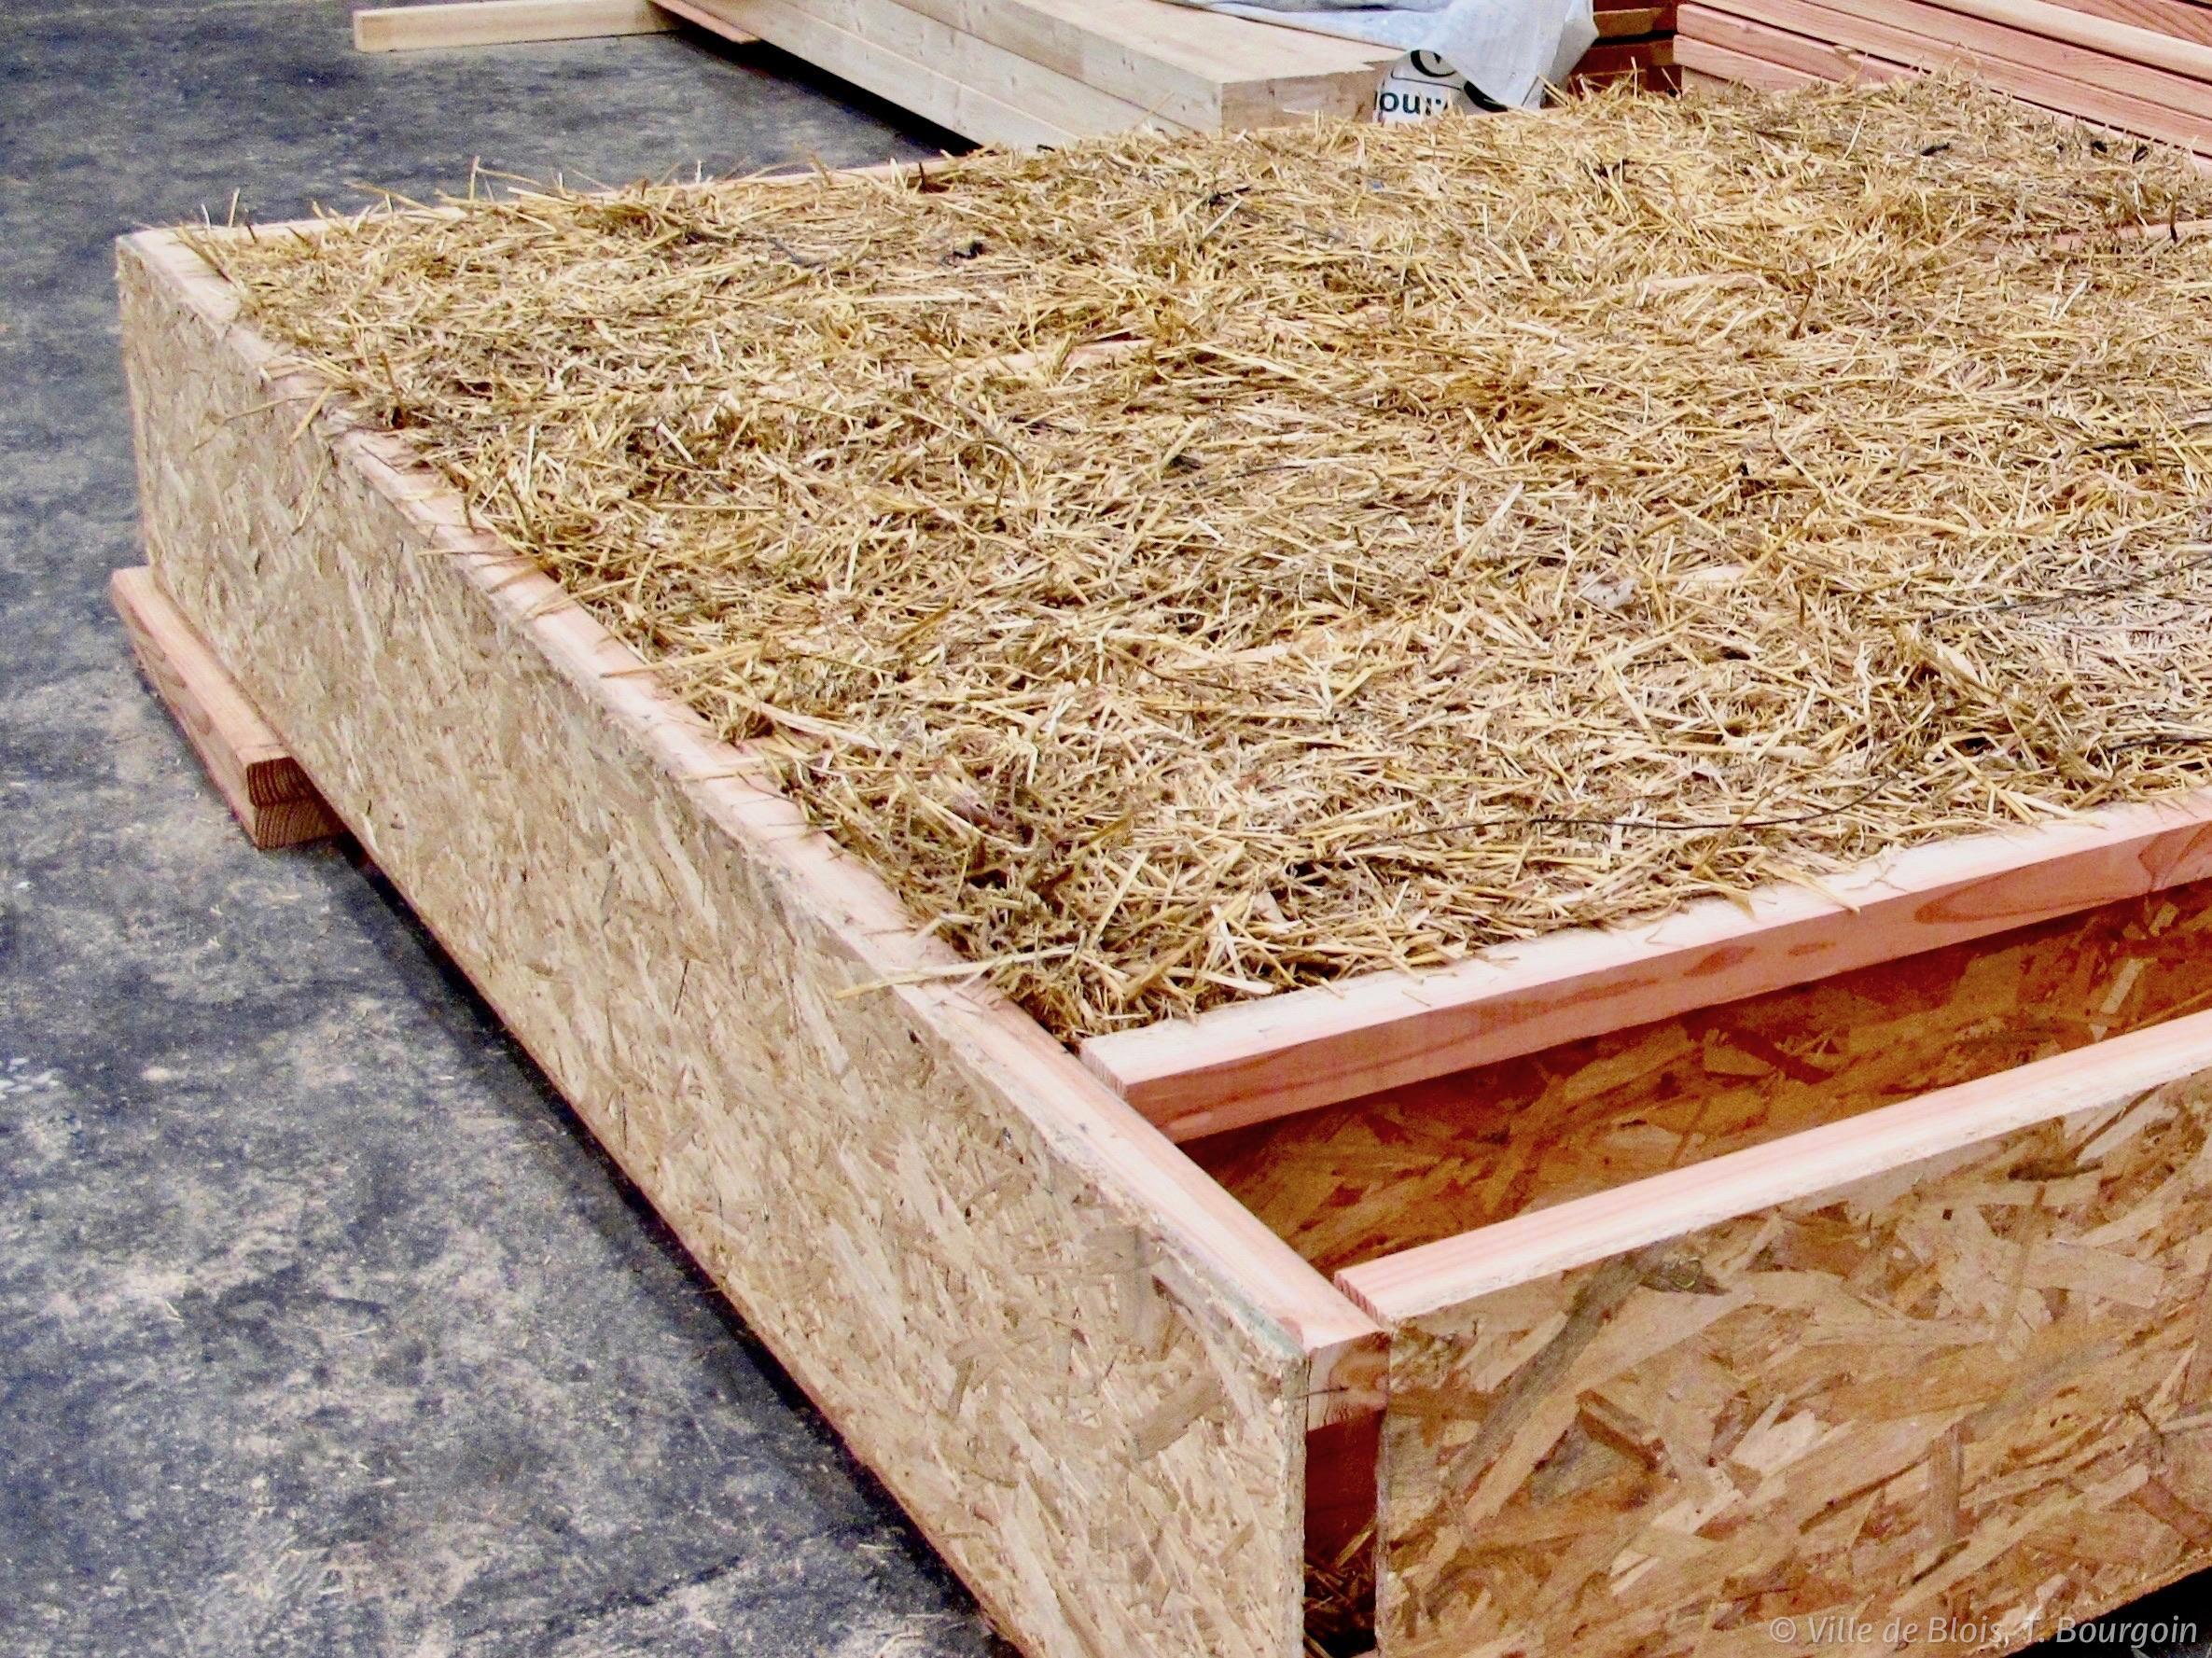 Aperçu du système d'isolation en paille : des caissons en bois sont remplis de paille par les ouvriers.